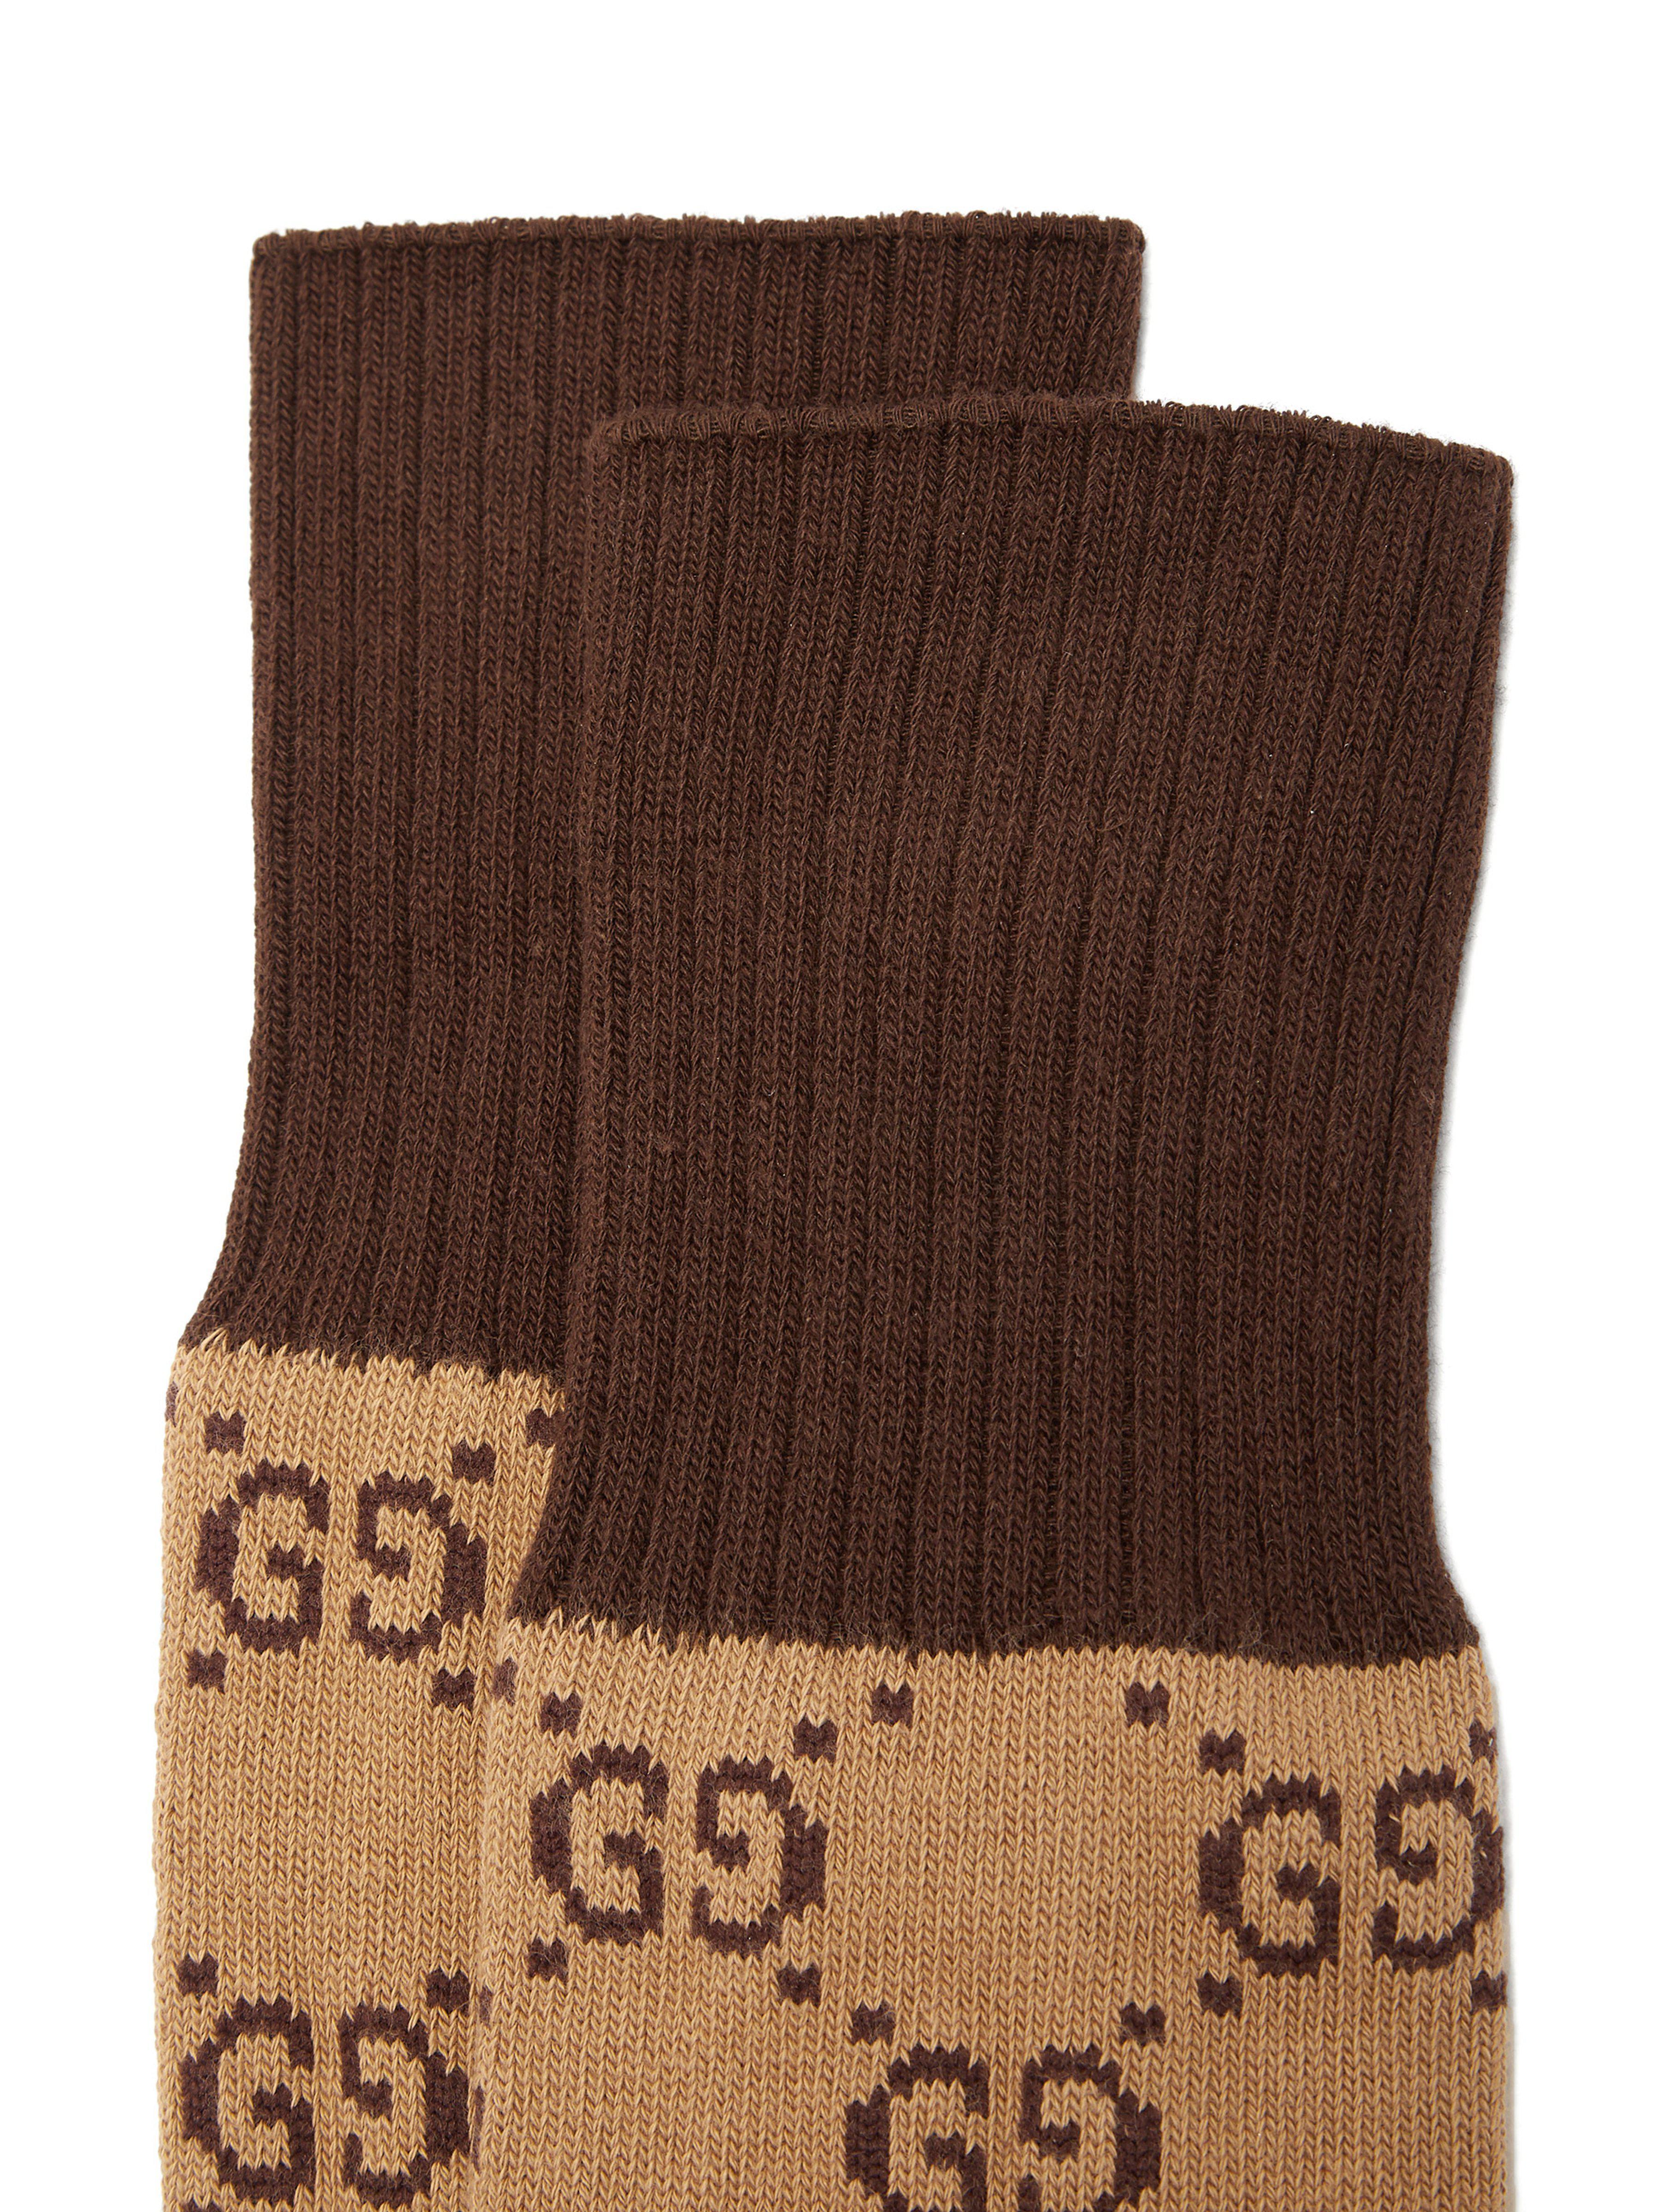 179230fd314 Lyst - Chaussettes en coton mélangé en intarsia GG Gucci pour homme en  coloris Marron - 71 % de réduction